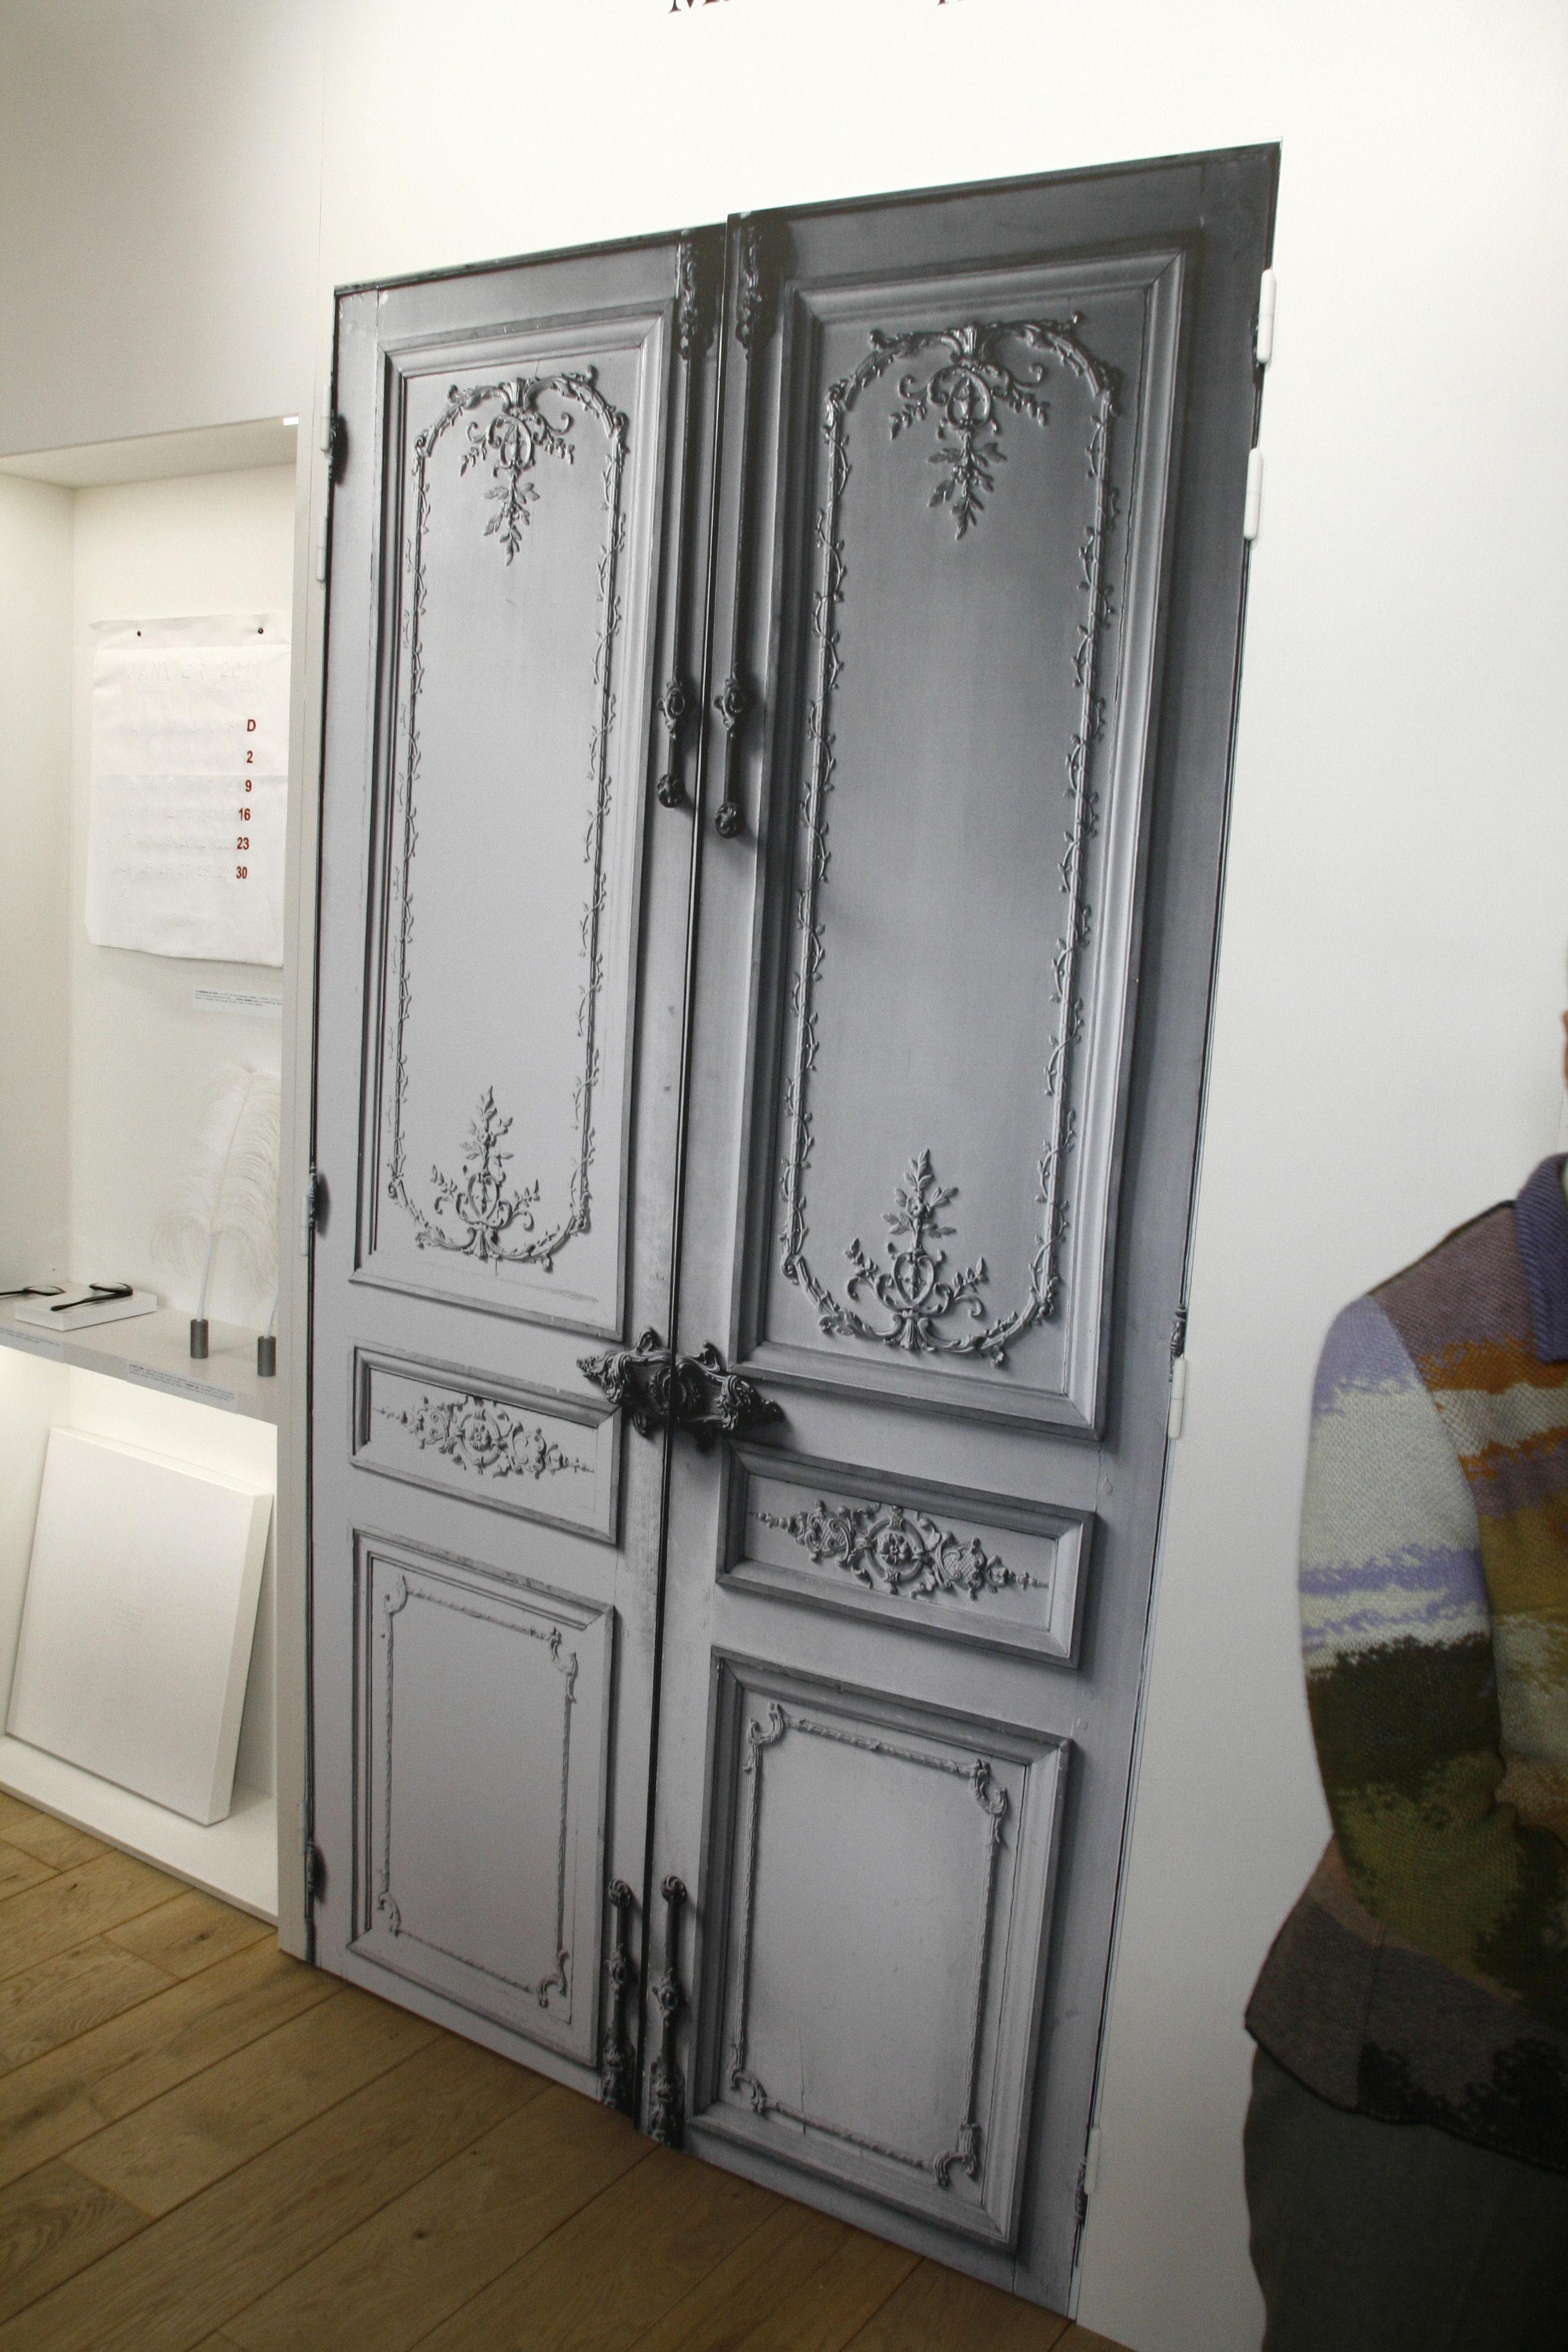 Porte haussmannienne sticker by maison martin margiela for Porte haussmannienne